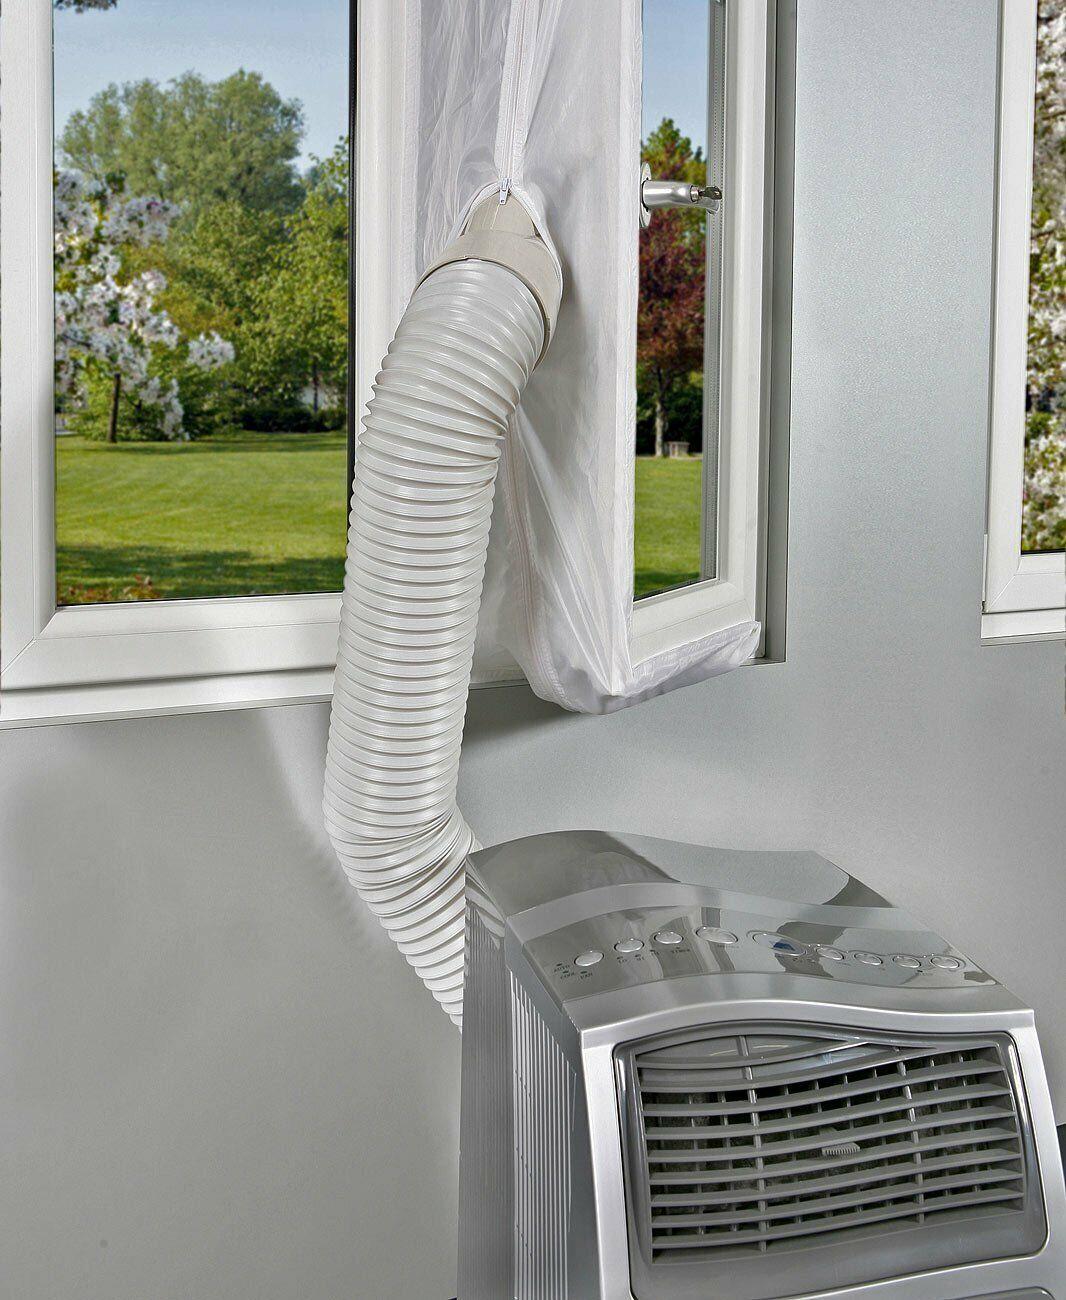 4M Hot Air Stop AirLock Fensterabdichtung für mobile Klimageräte Ablufttrockner